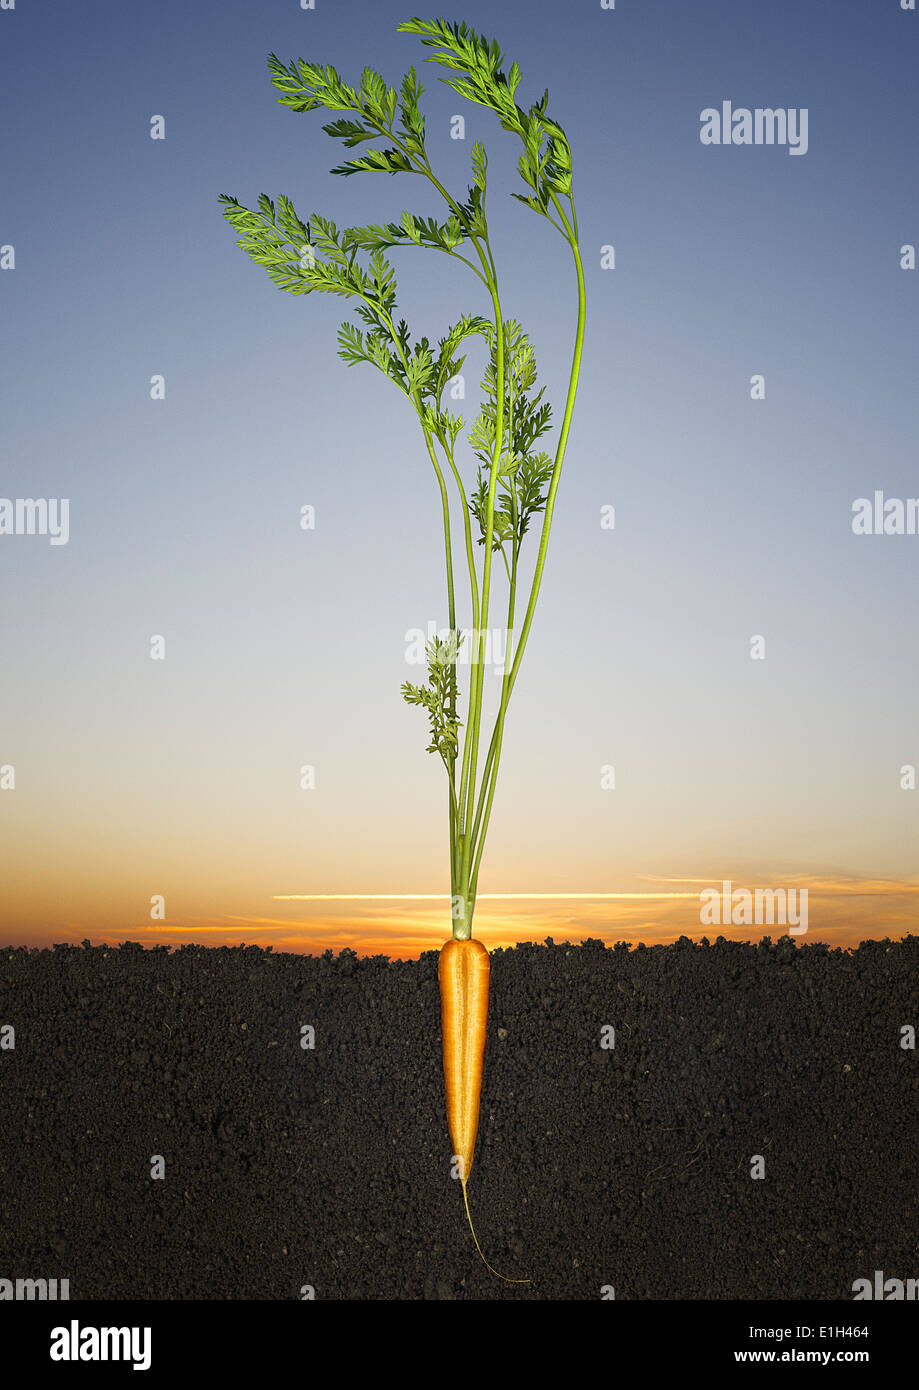 Carotte de moitié dans le sol en pleine croissance Photo Stock